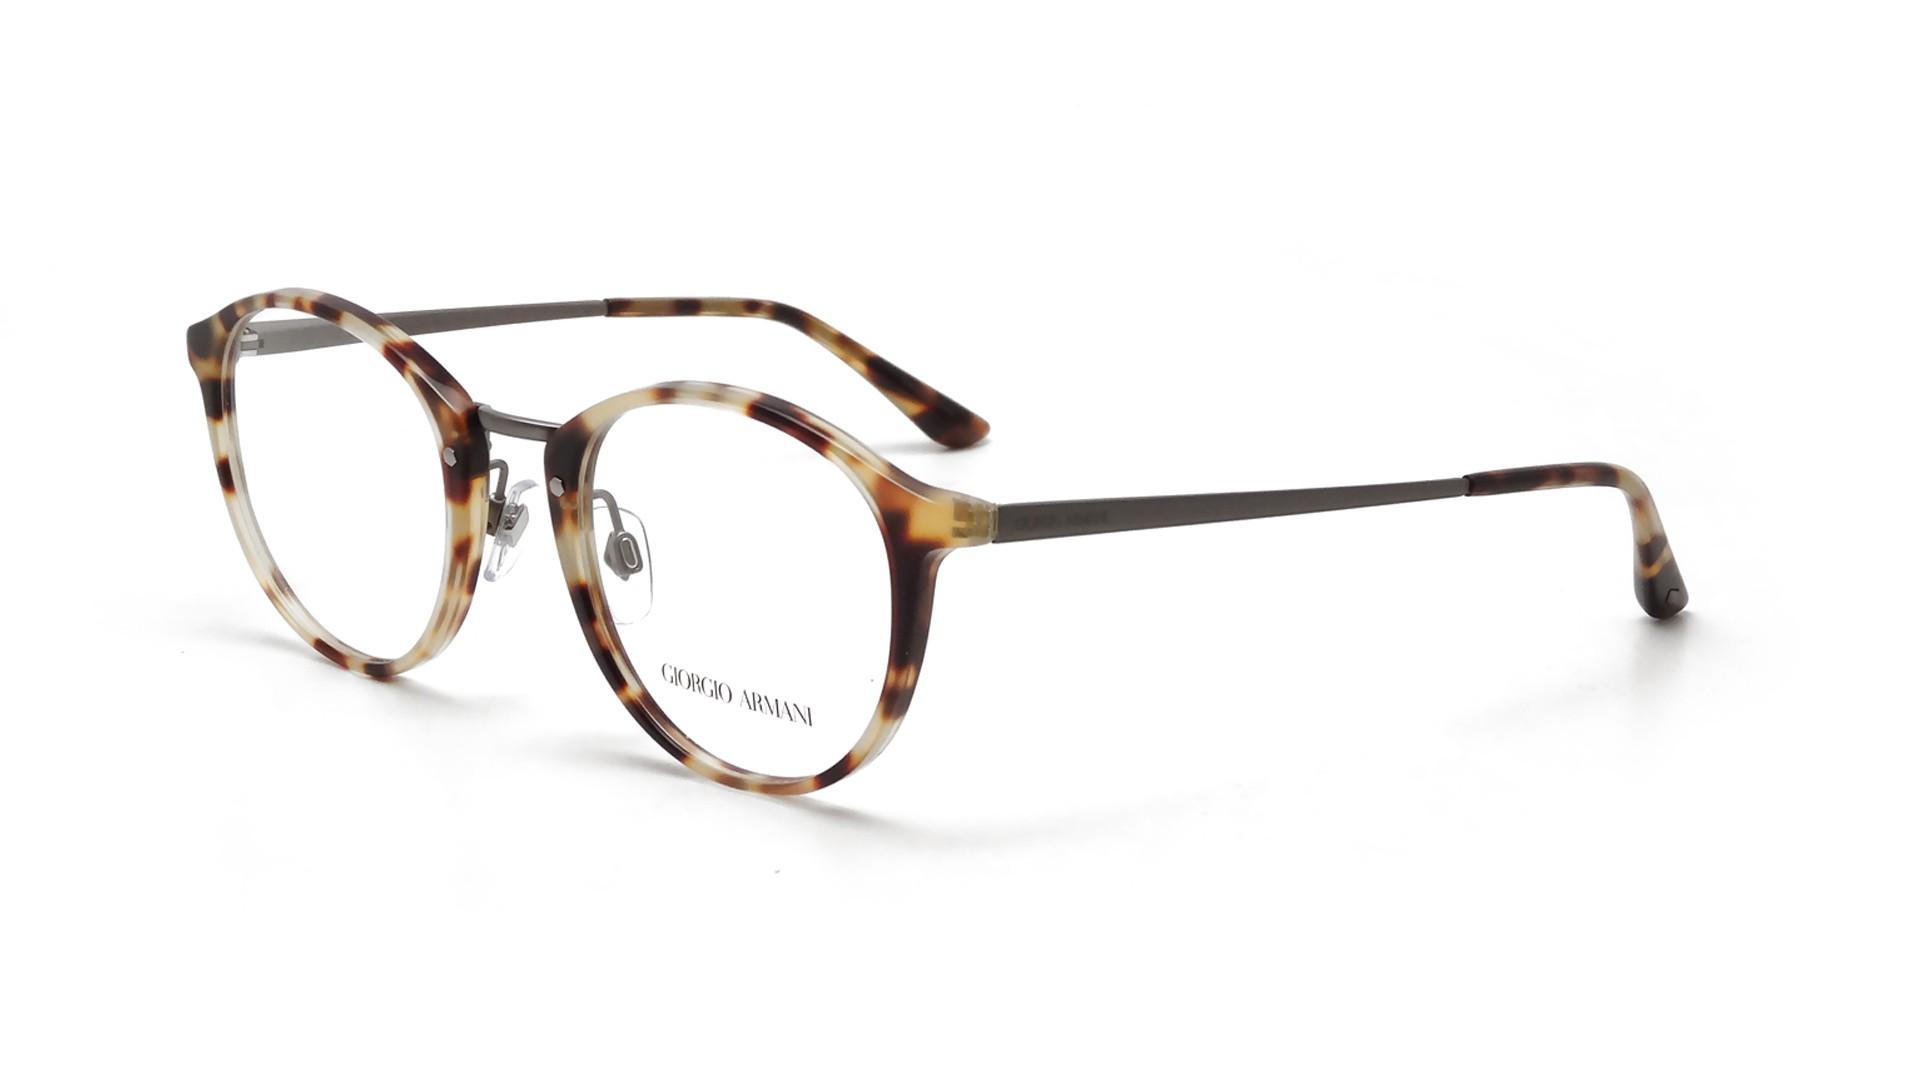 Armani Glasses Frames Eyewear : Giorgio Armani Frames of Life Tortoise AR7028 5178 50-22 ...